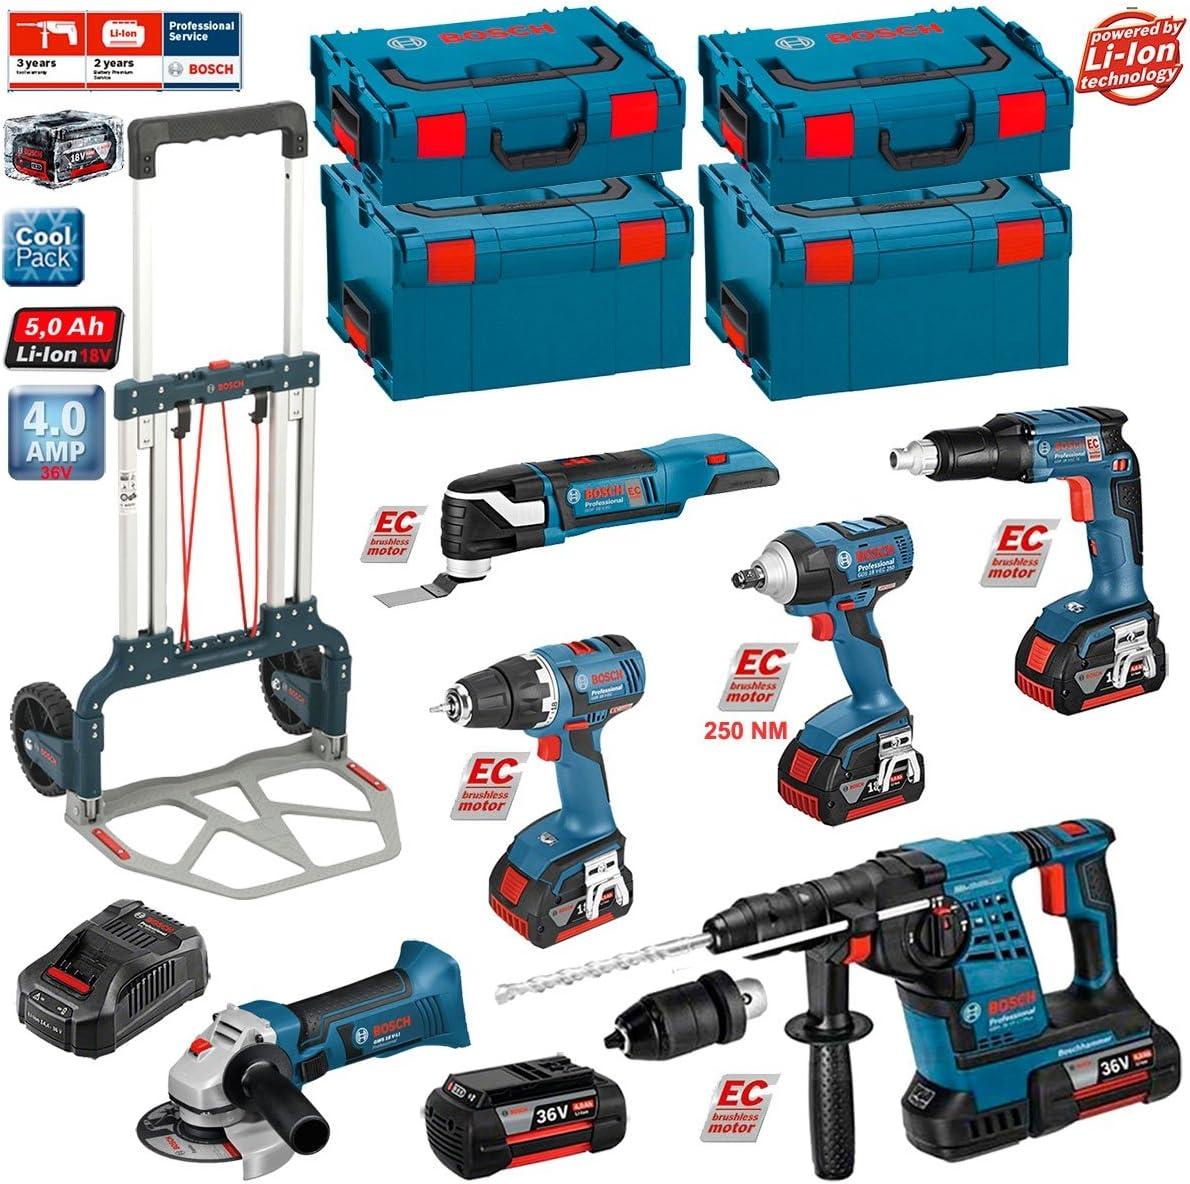 BOSCH Kit RSL3618P3LE (GBH 36 VF-LI Plus + GWS 18 V-LI + GSR 18V-60C + GSR 18 V-EC TE + GDS 18 V-EC 250 + GOP 18V-28 + Caddy): Amazon.es: Bricolaje y herramientas